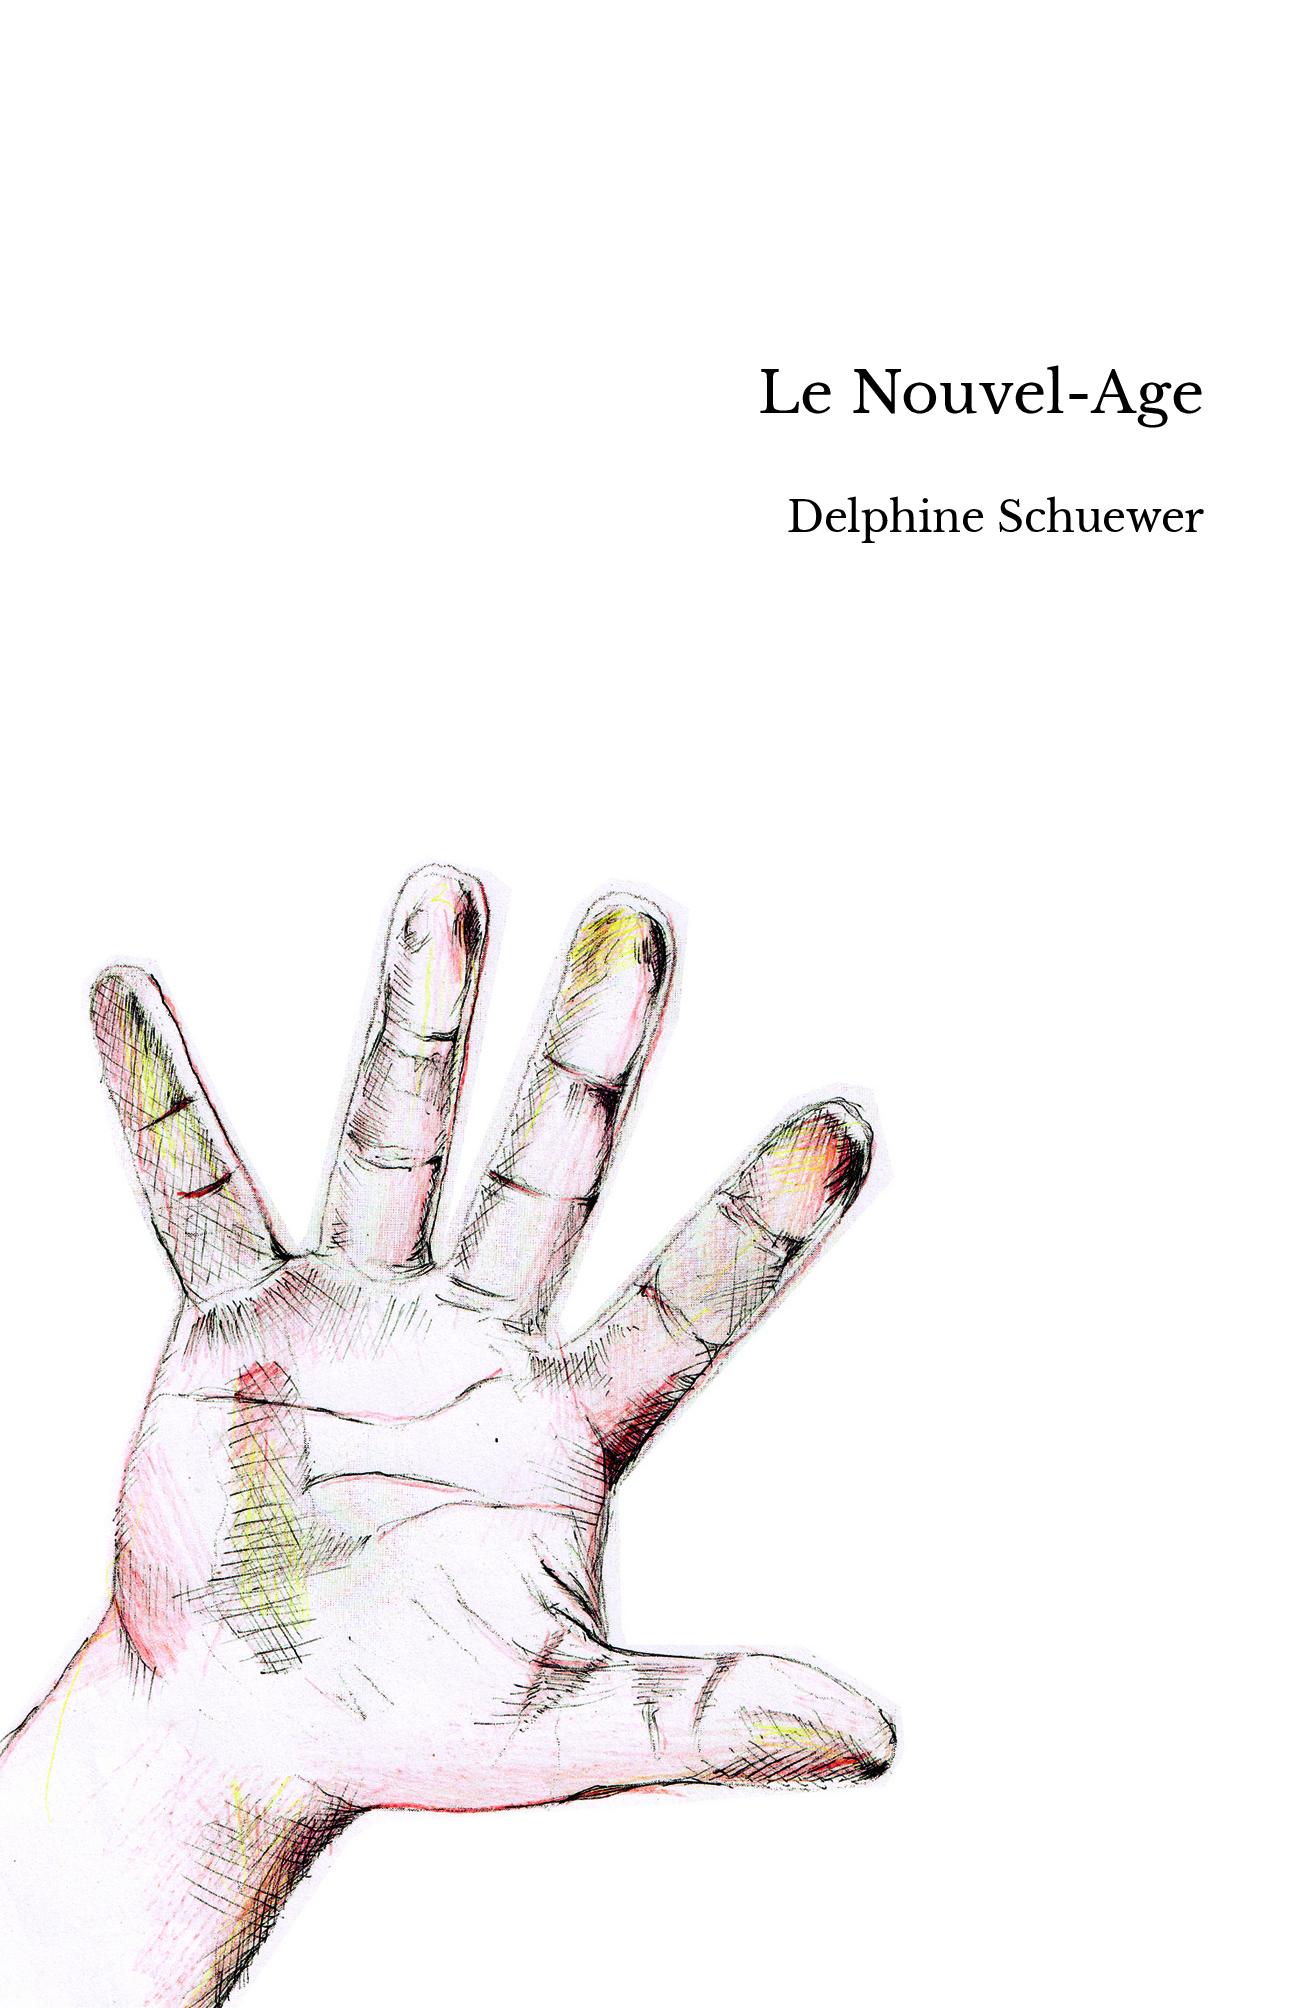 Le Nouvel-Age